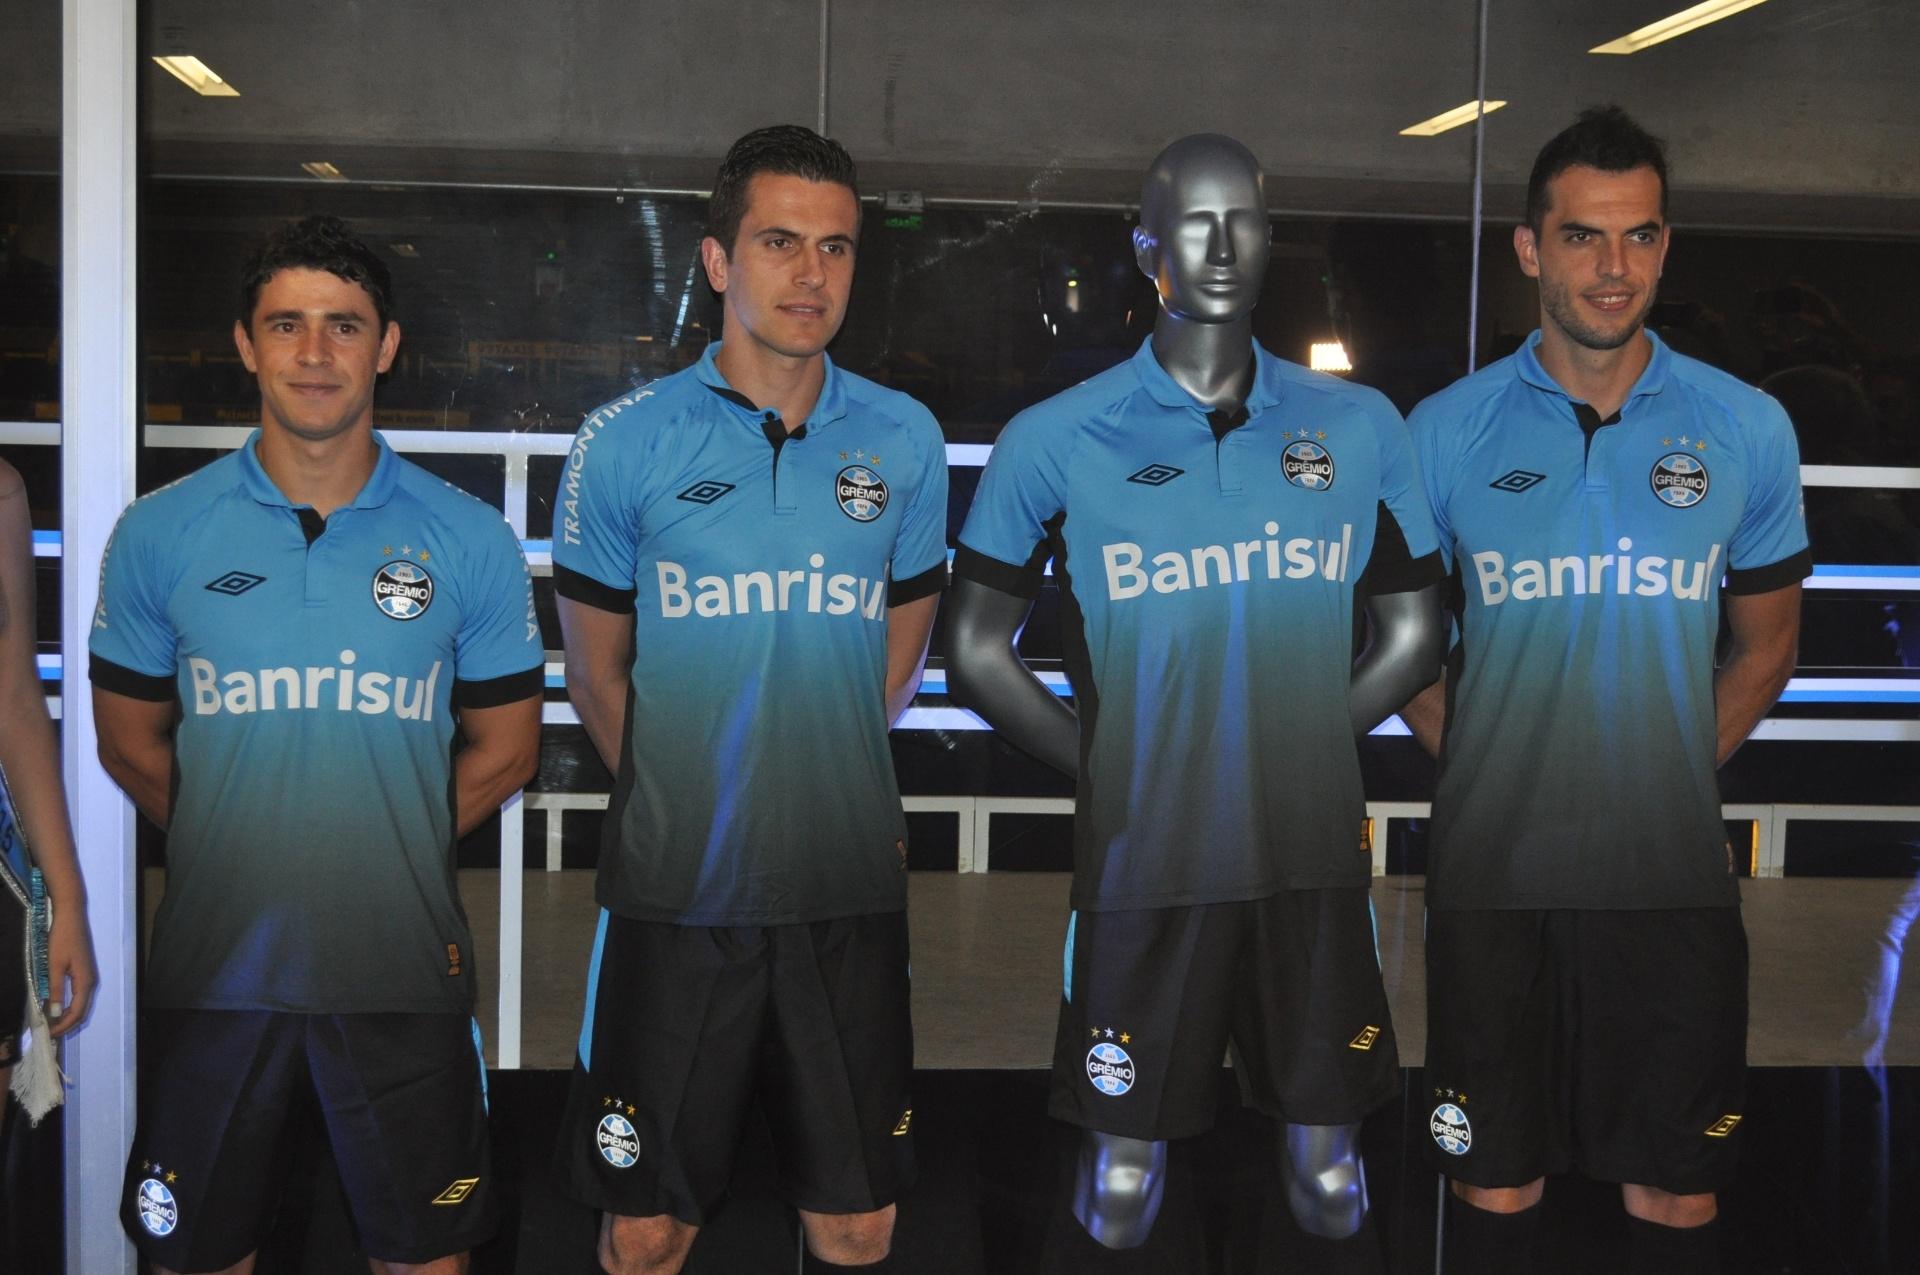 Grêmio lança novo uniforme  revolucionário  que estreia no sábado -  21 05 2015 - UOL Esporte 45f2677260e5e